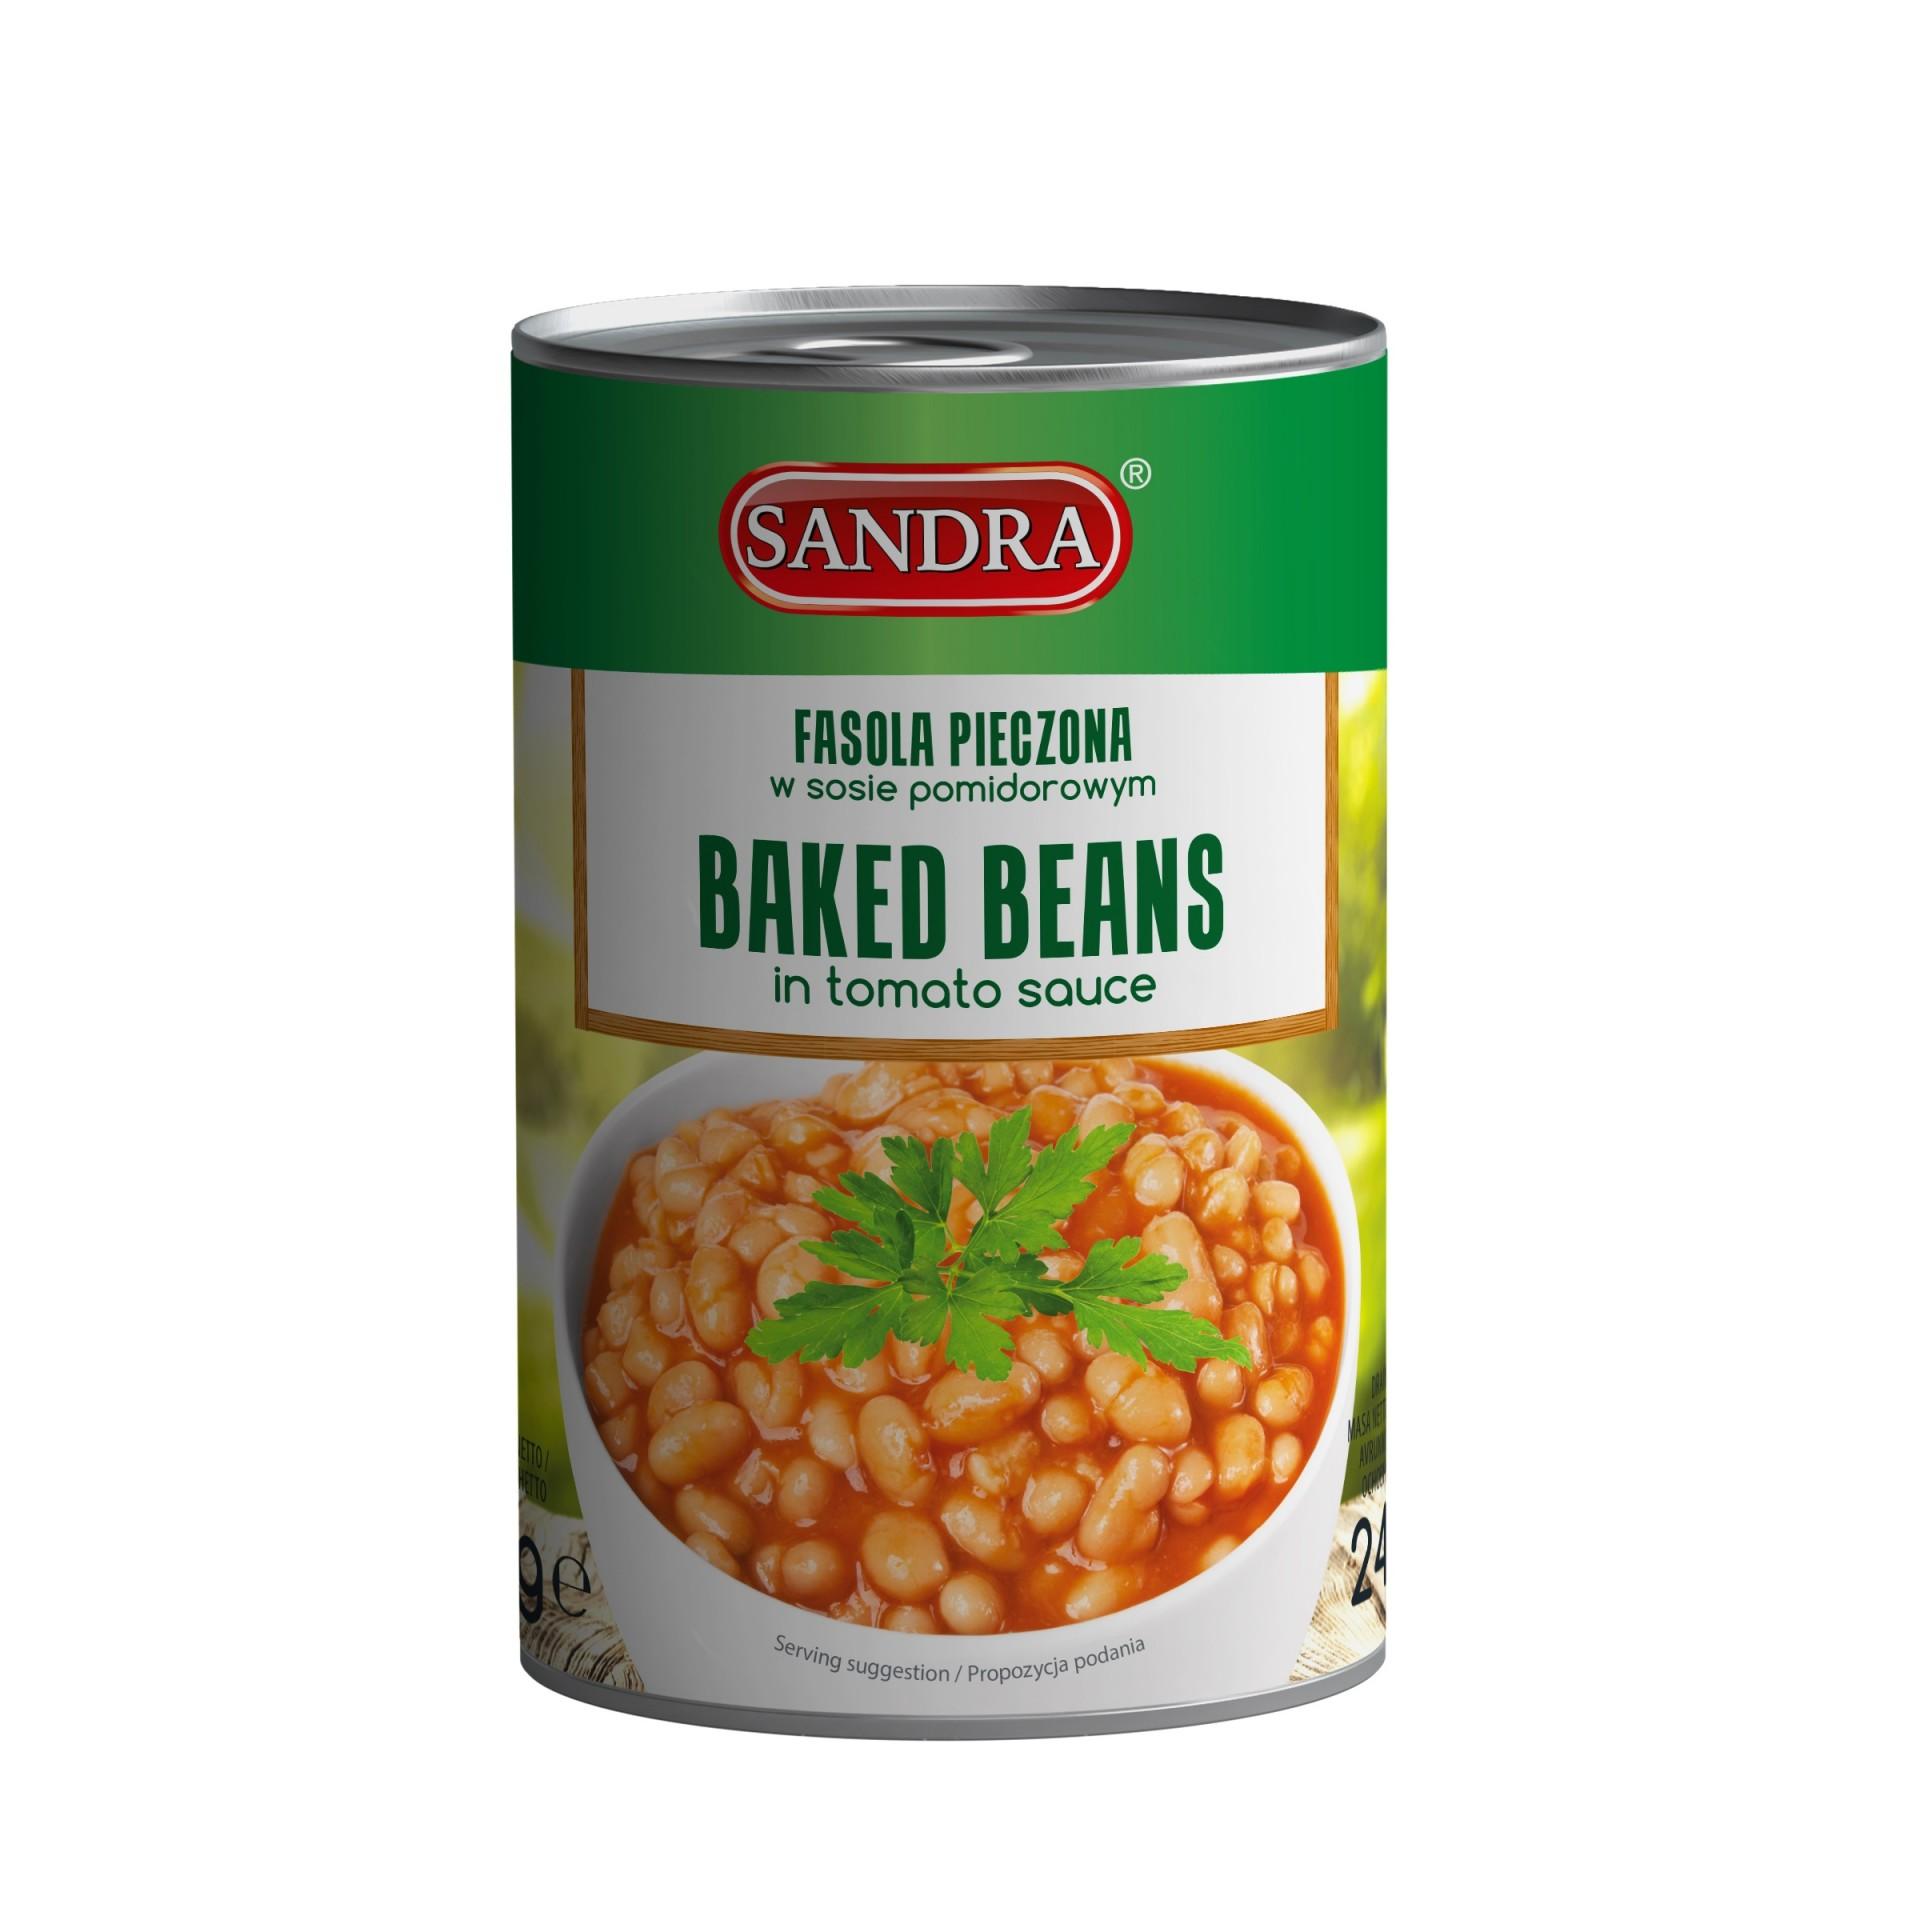 Sandra-Fasola-Pieczona-w-sosie-pomidorowym-425-F14